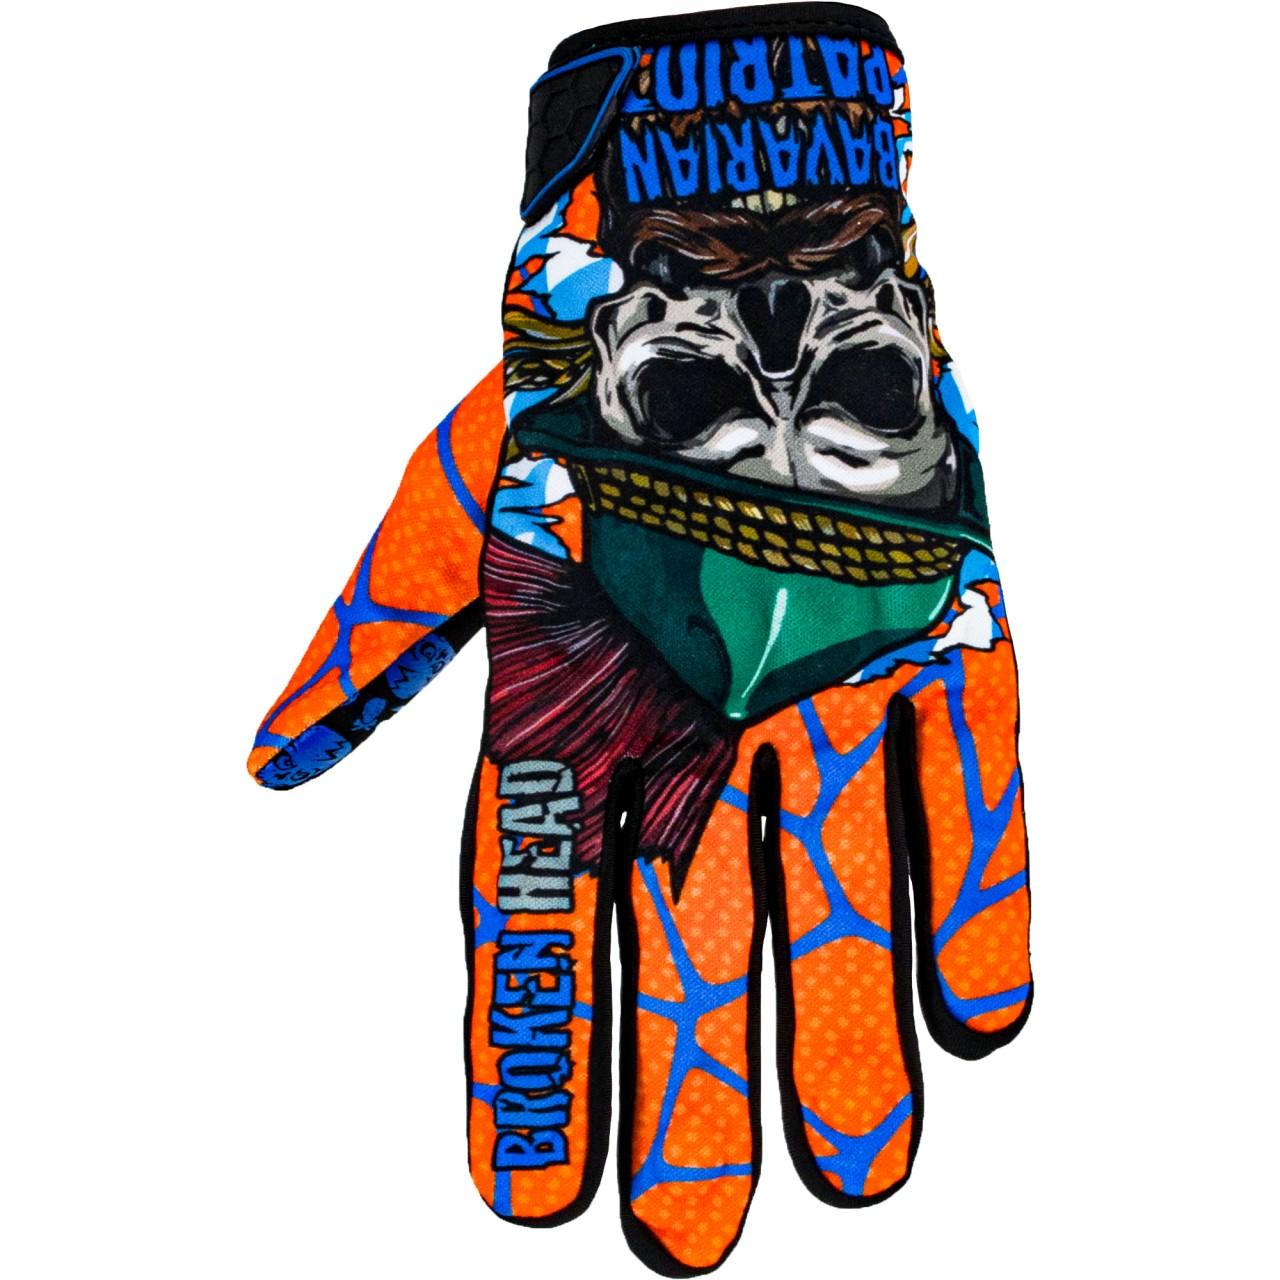 Bekleidung|Handschuhe Broken Head MX Handschuhe Bavarian Patriot Orange